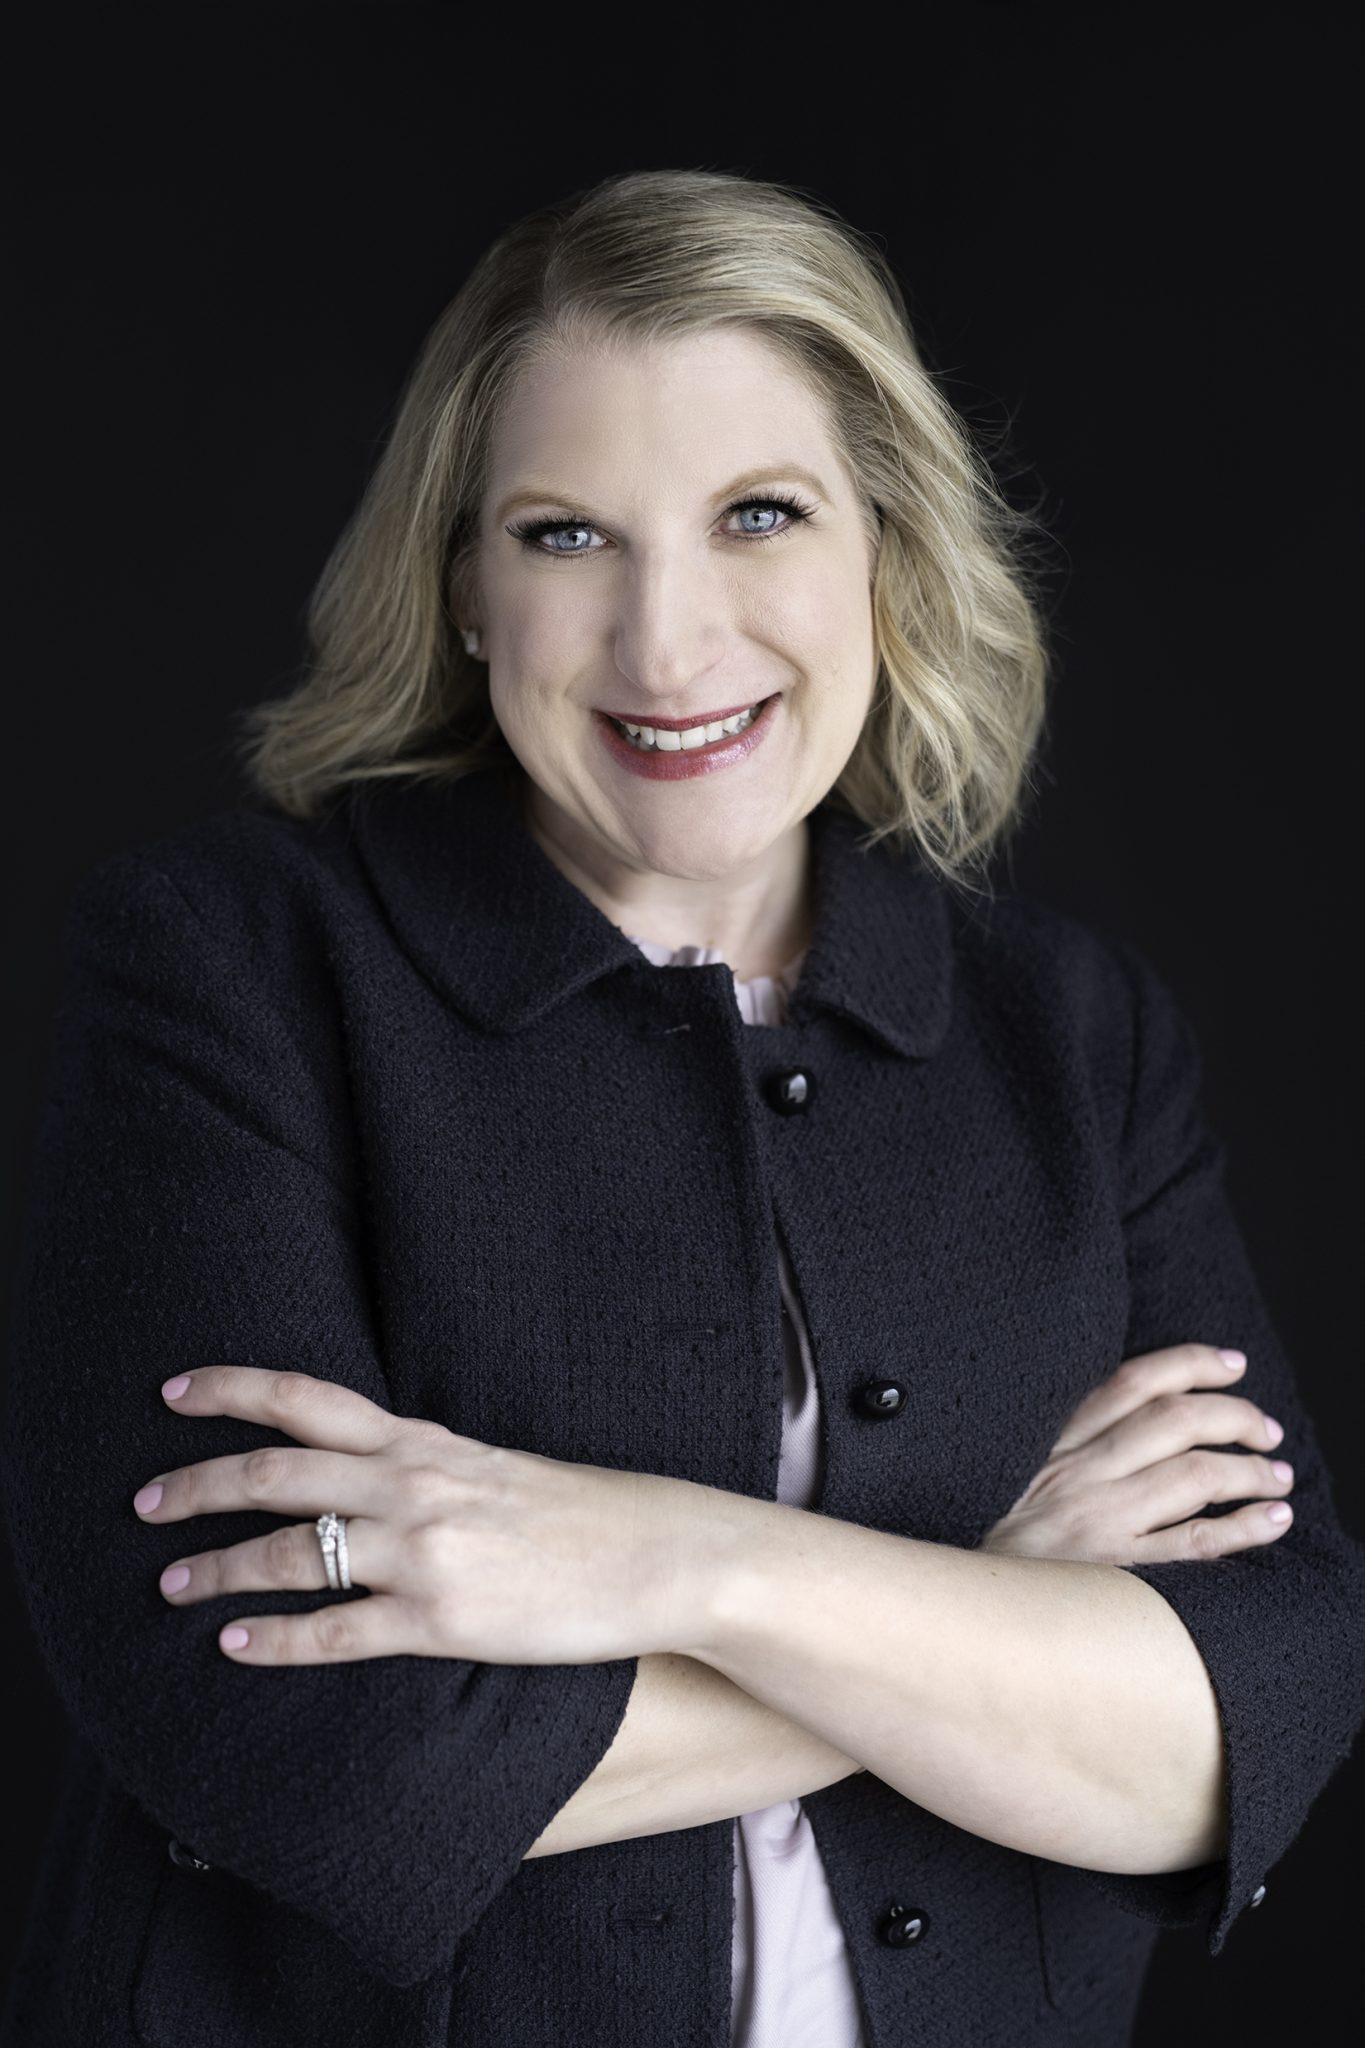 Vicki Schumacher